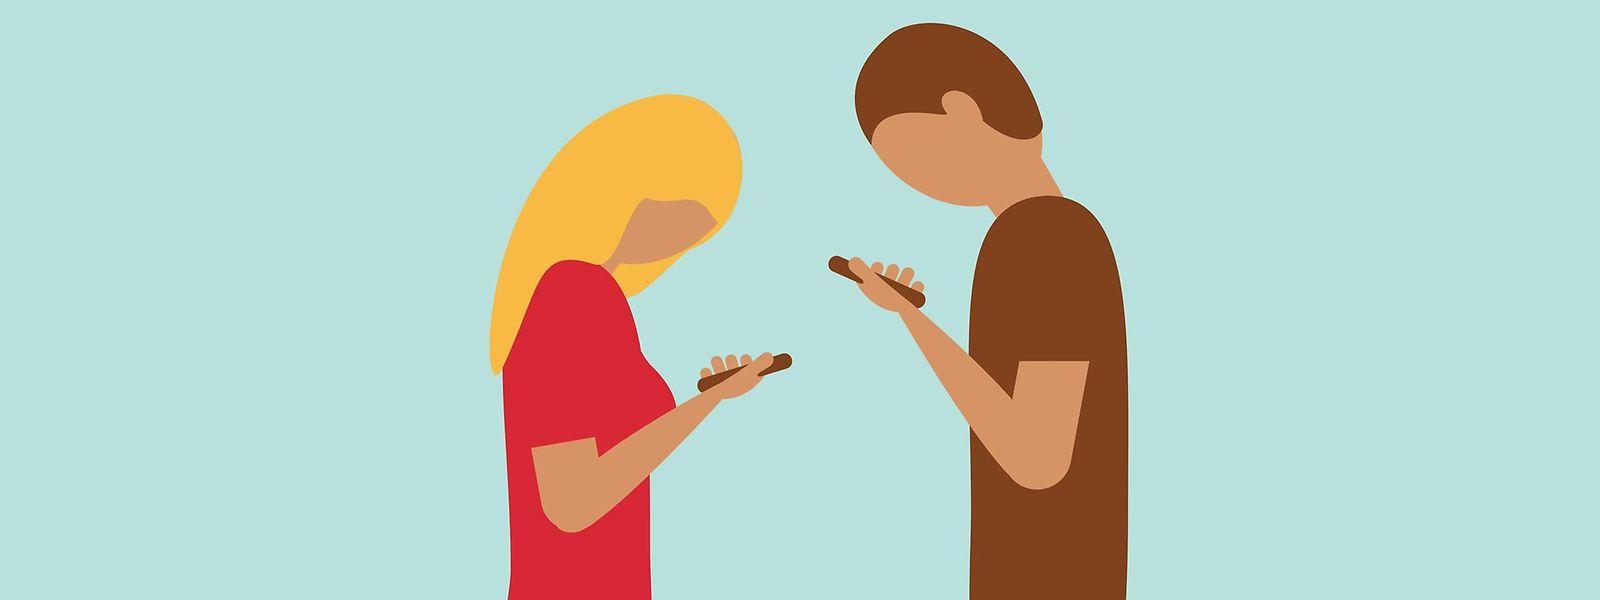 Die Kommunikation per Smartphone und Internet spielt heutzutage eine wichtige Rolle in Beziehungen.